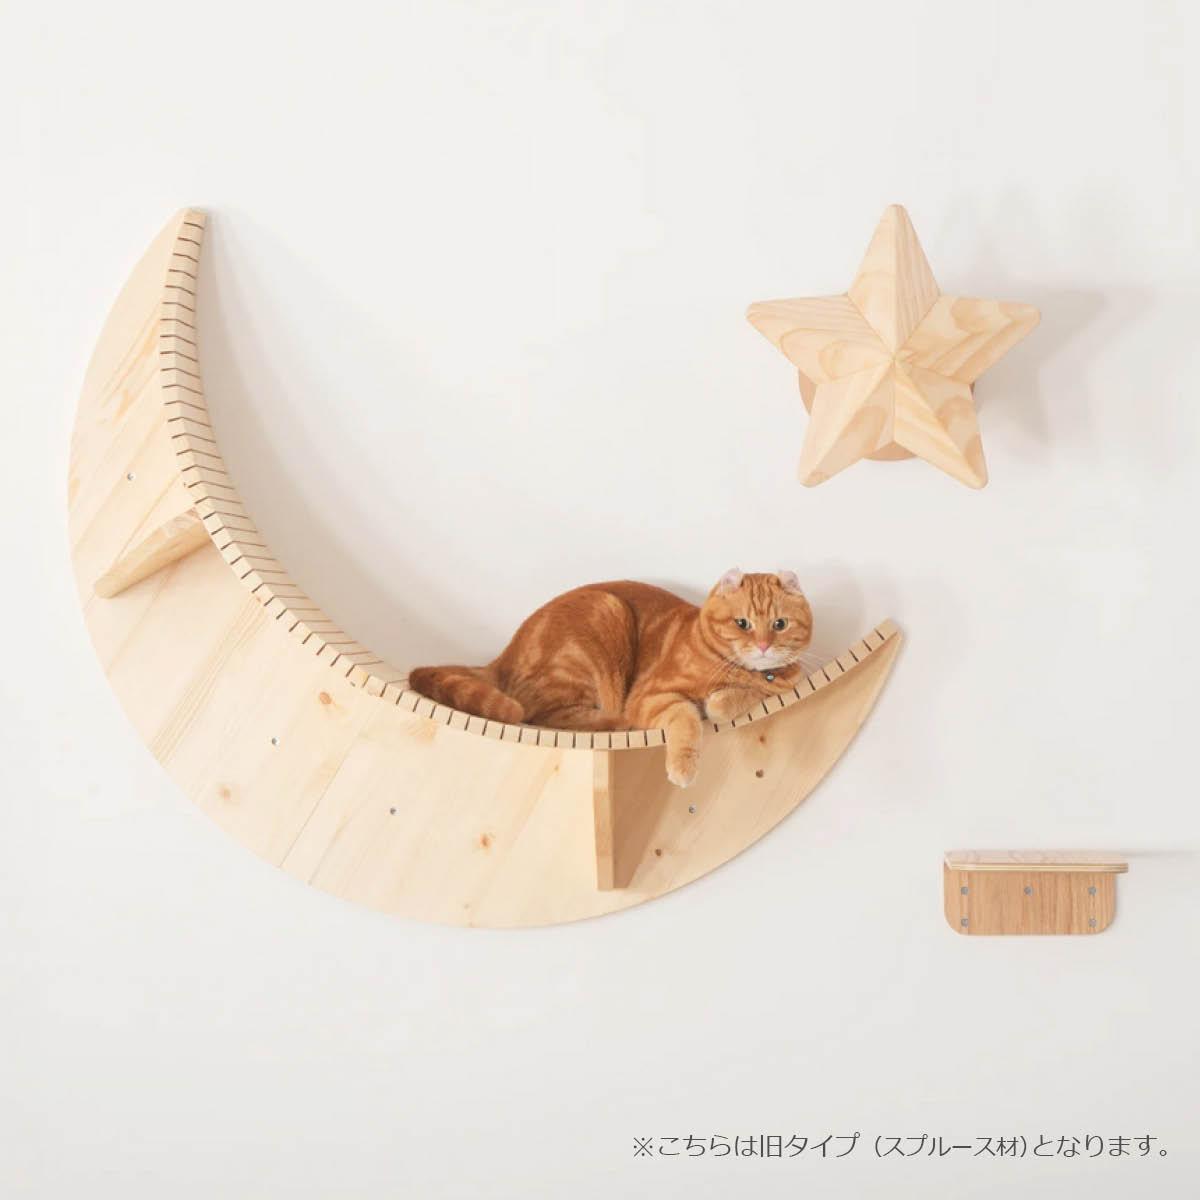 my zoo 猫 ベッド キャットタワー 木製 壁 猫家具 猫ハウス キャットウォーク キャットステップ ステップ [〈MYZOO マイズー〉LUNA ルナ キャットステップ]#SL_PT